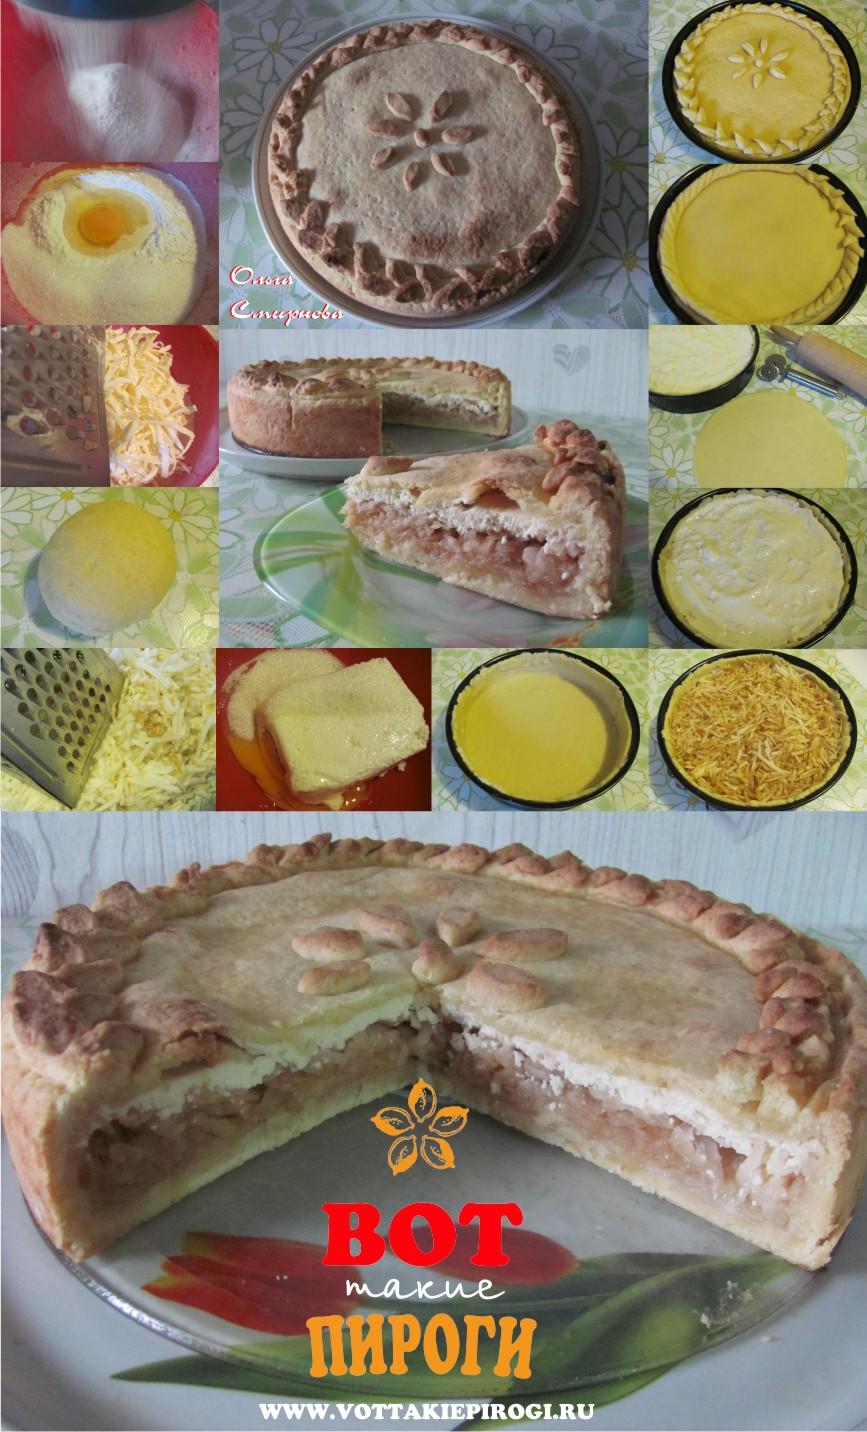 простые рецепты пирогов с видео #11